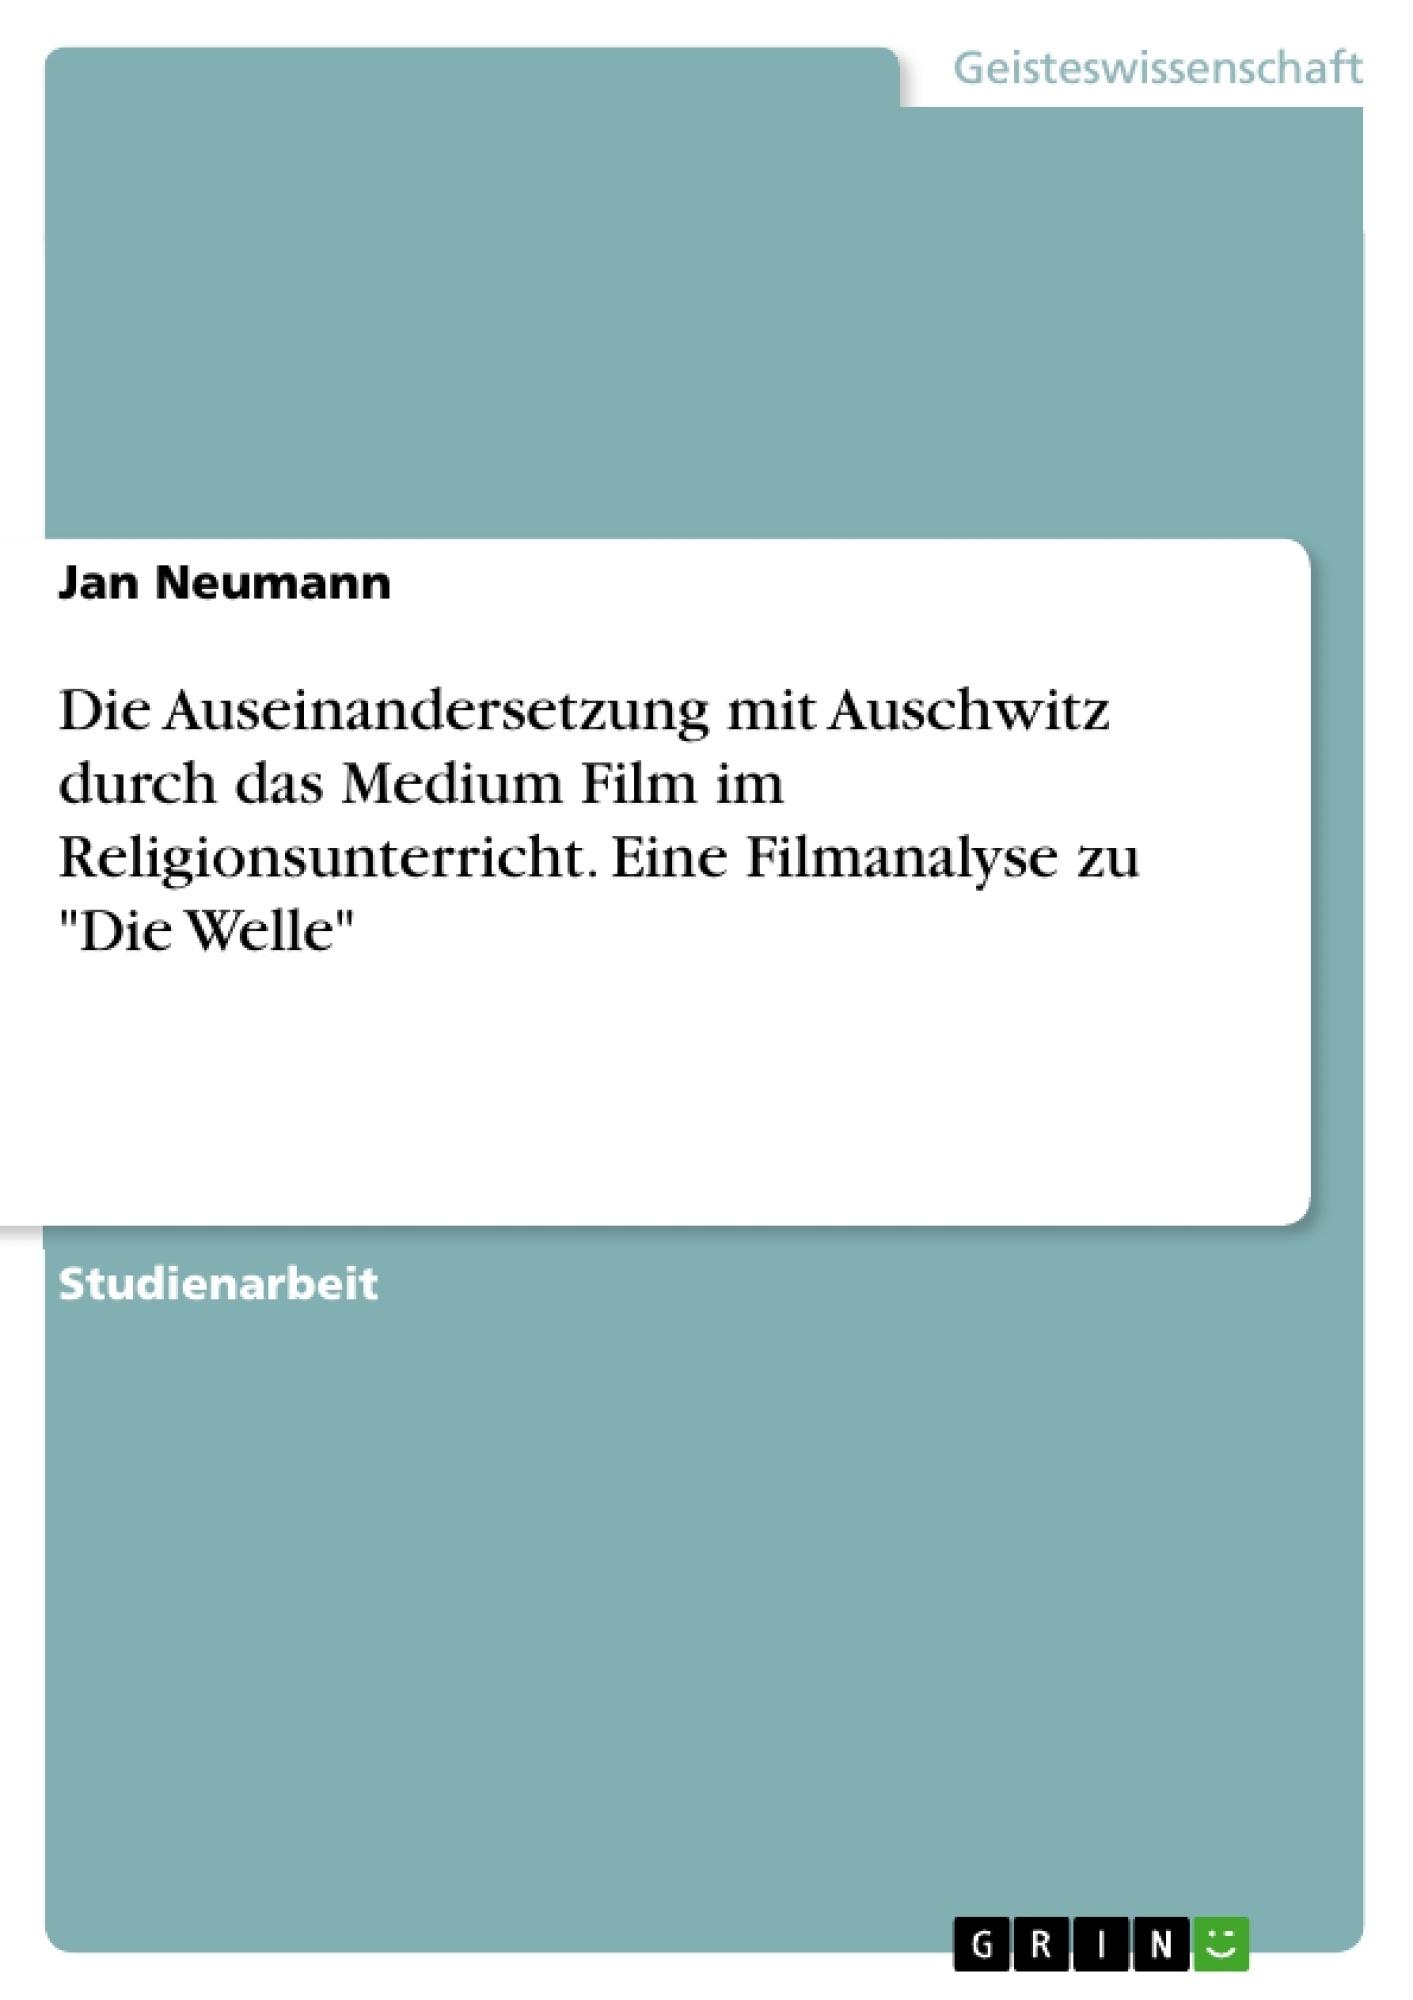 """Titel: Die Auseinandersetzung mit Auschwitz durch das Medium Film im Religionsunterricht. Eine Filmanalyse zu """"Die Welle"""""""